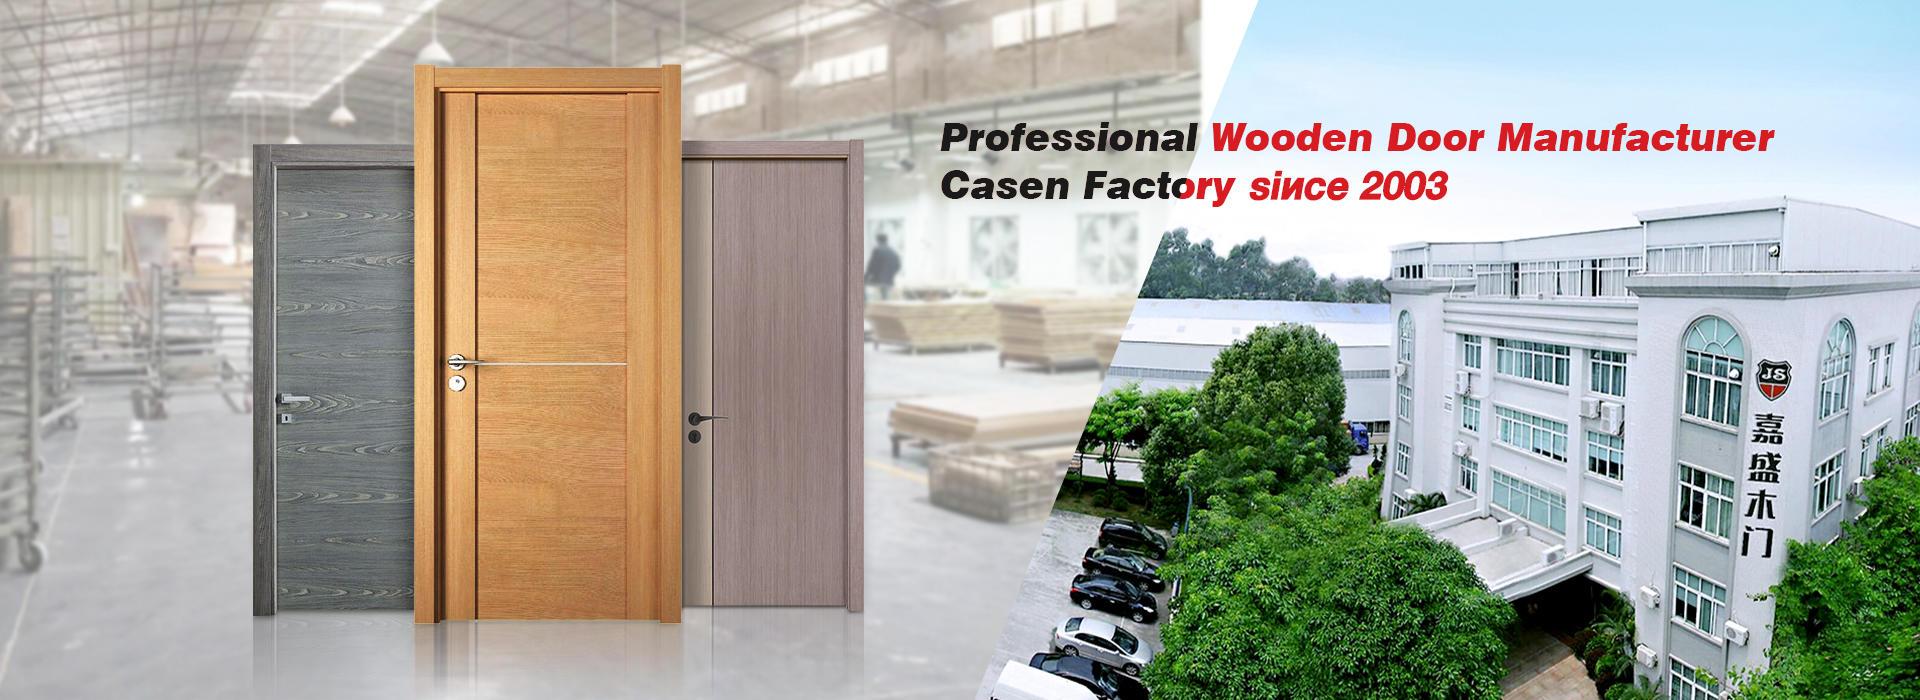 custom solid wood doors, custom interior doors, solid wood entry door manufacturers